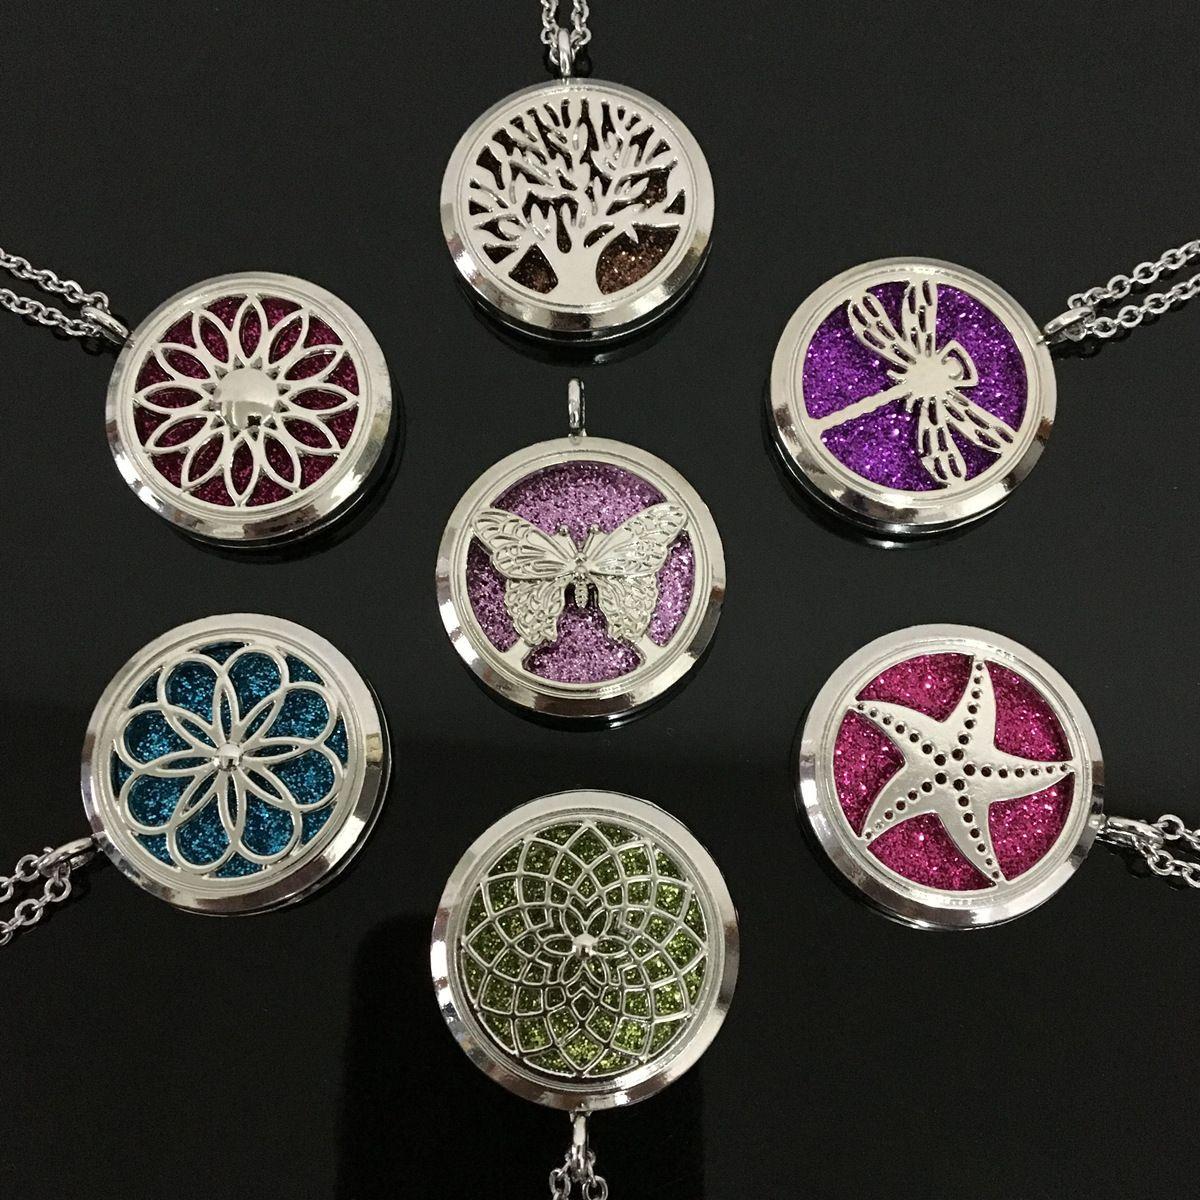 Locket Essential Oil Diffuser Halskette Arbeiten Sie Edelstahl-Aromatherapie-Baum des Lebens Blume Tier Halskette Schmuck Geschenk